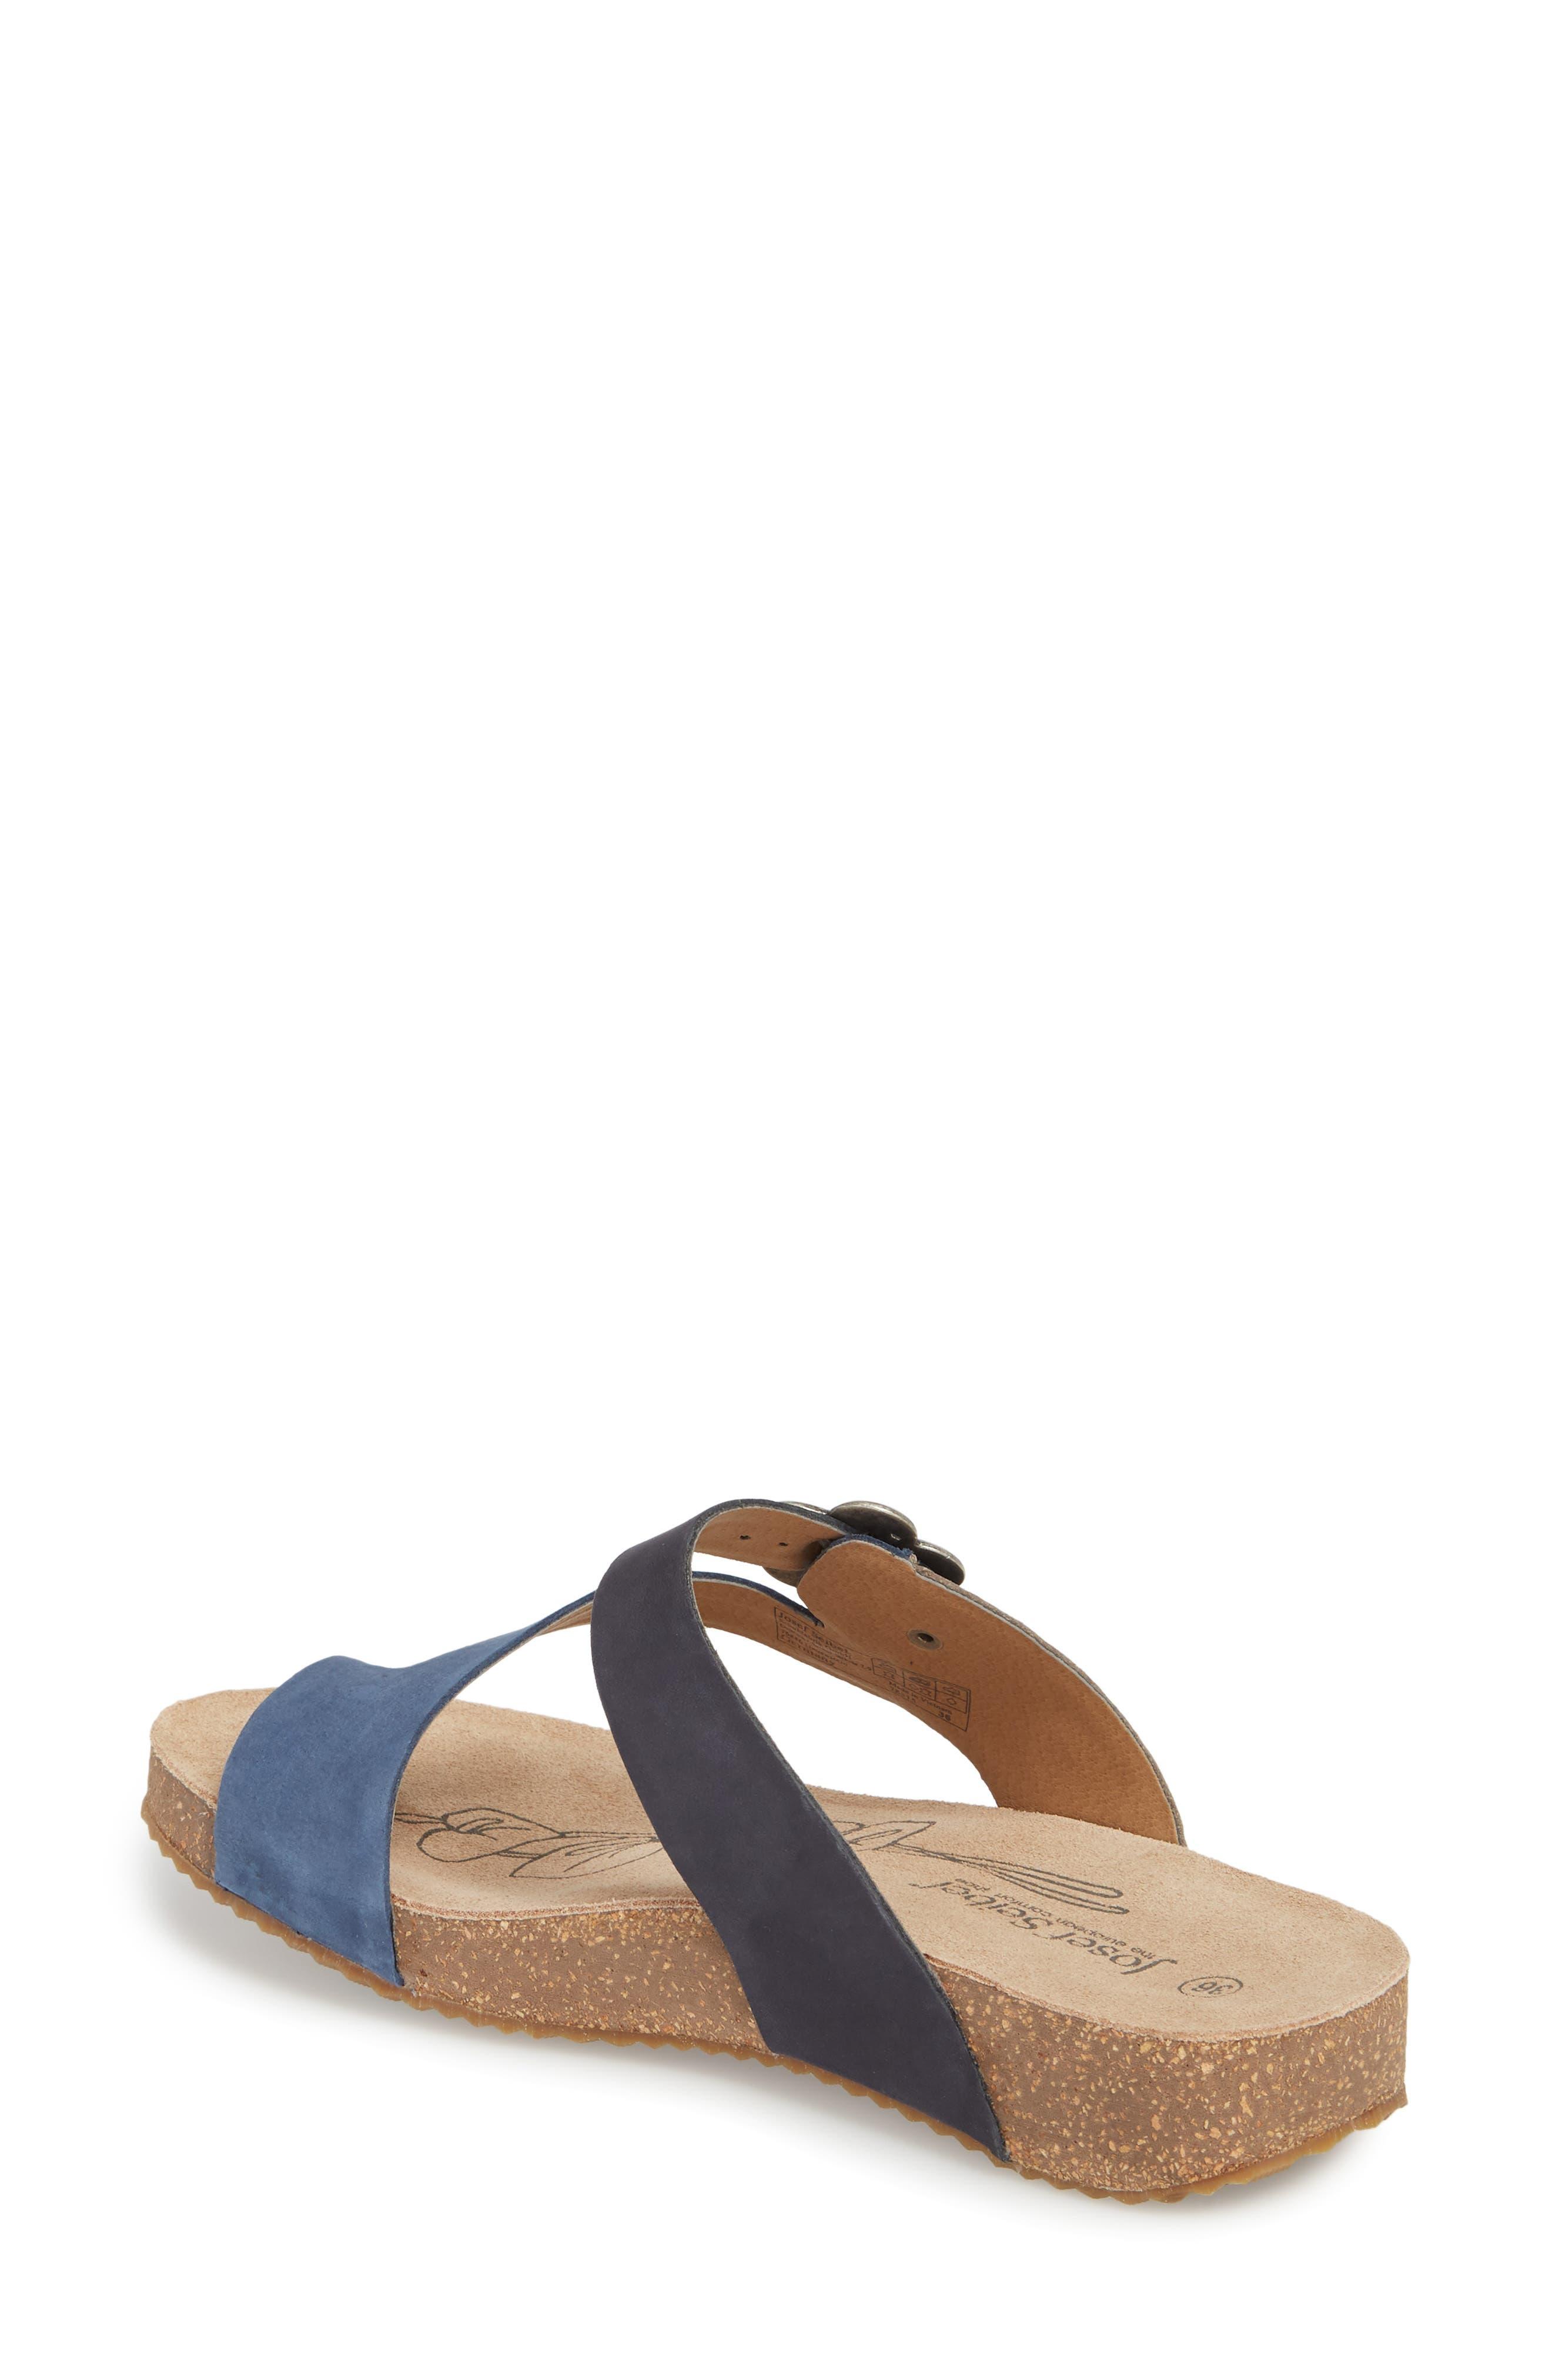 Tonga 23 Sandal,                             Alternate thumbnail 2, color,                             499